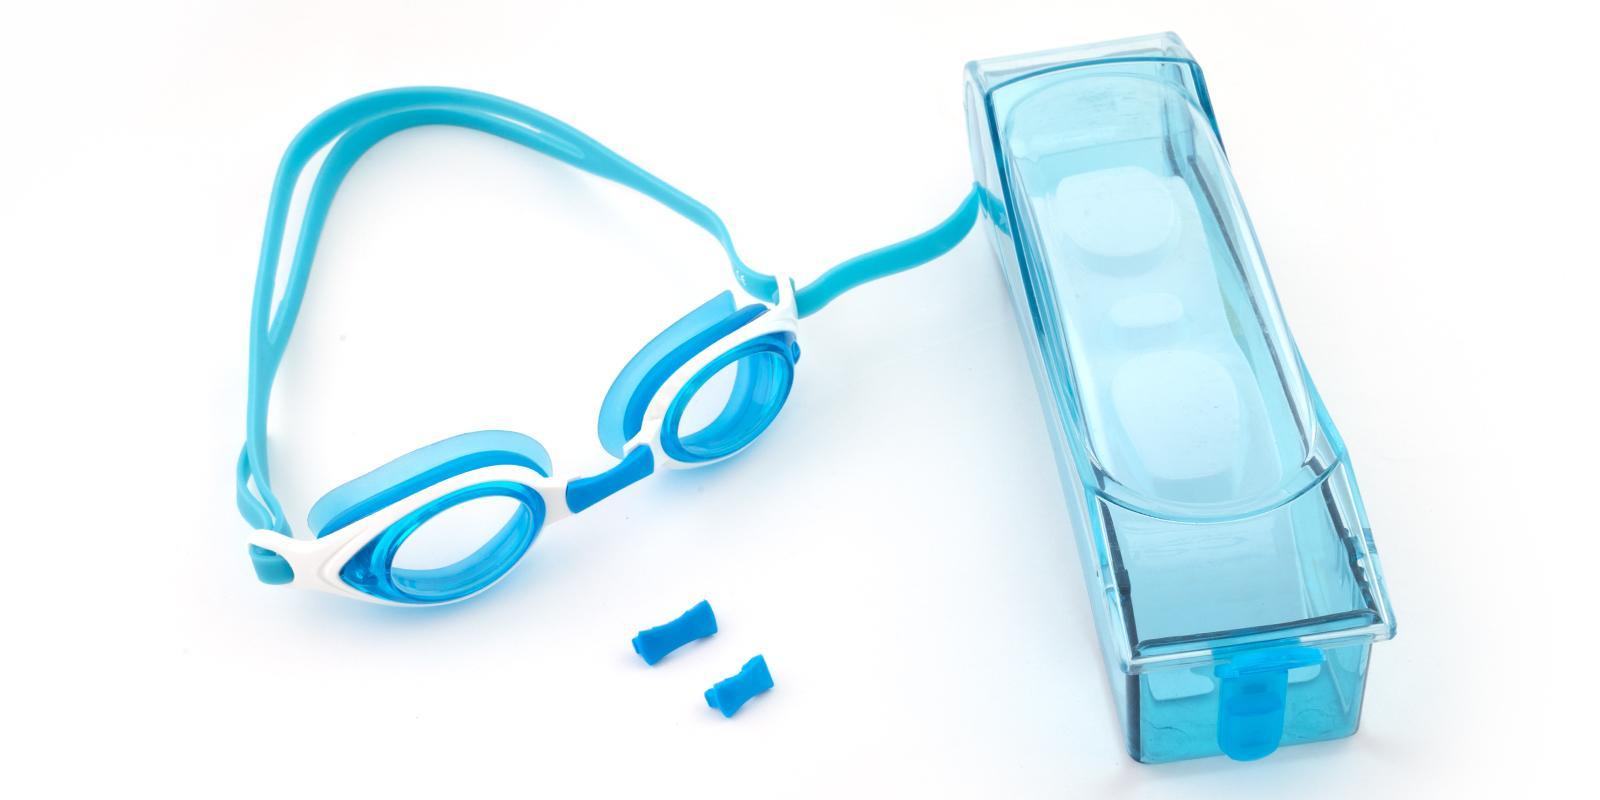 Chok Blue Plastic SportsGlasses Frames from ABBE Glasses